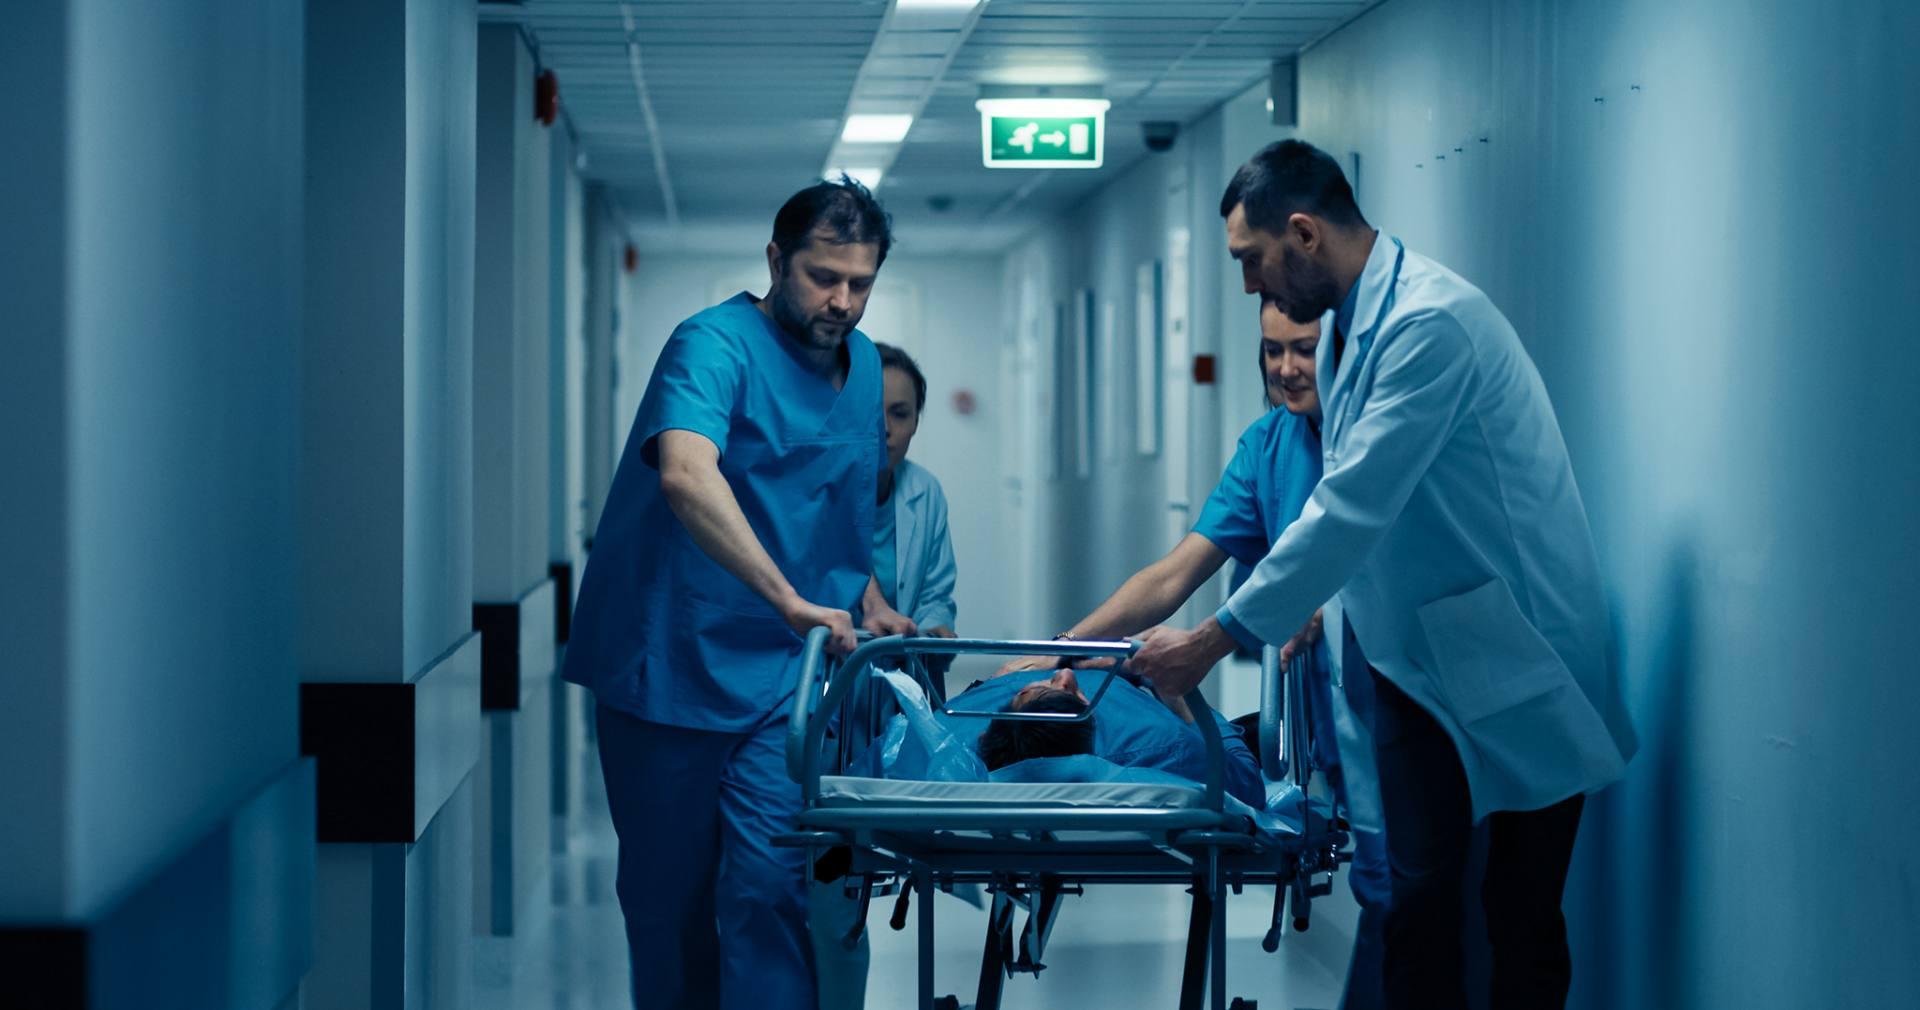 Lekarze wiozą pacjenta na salę